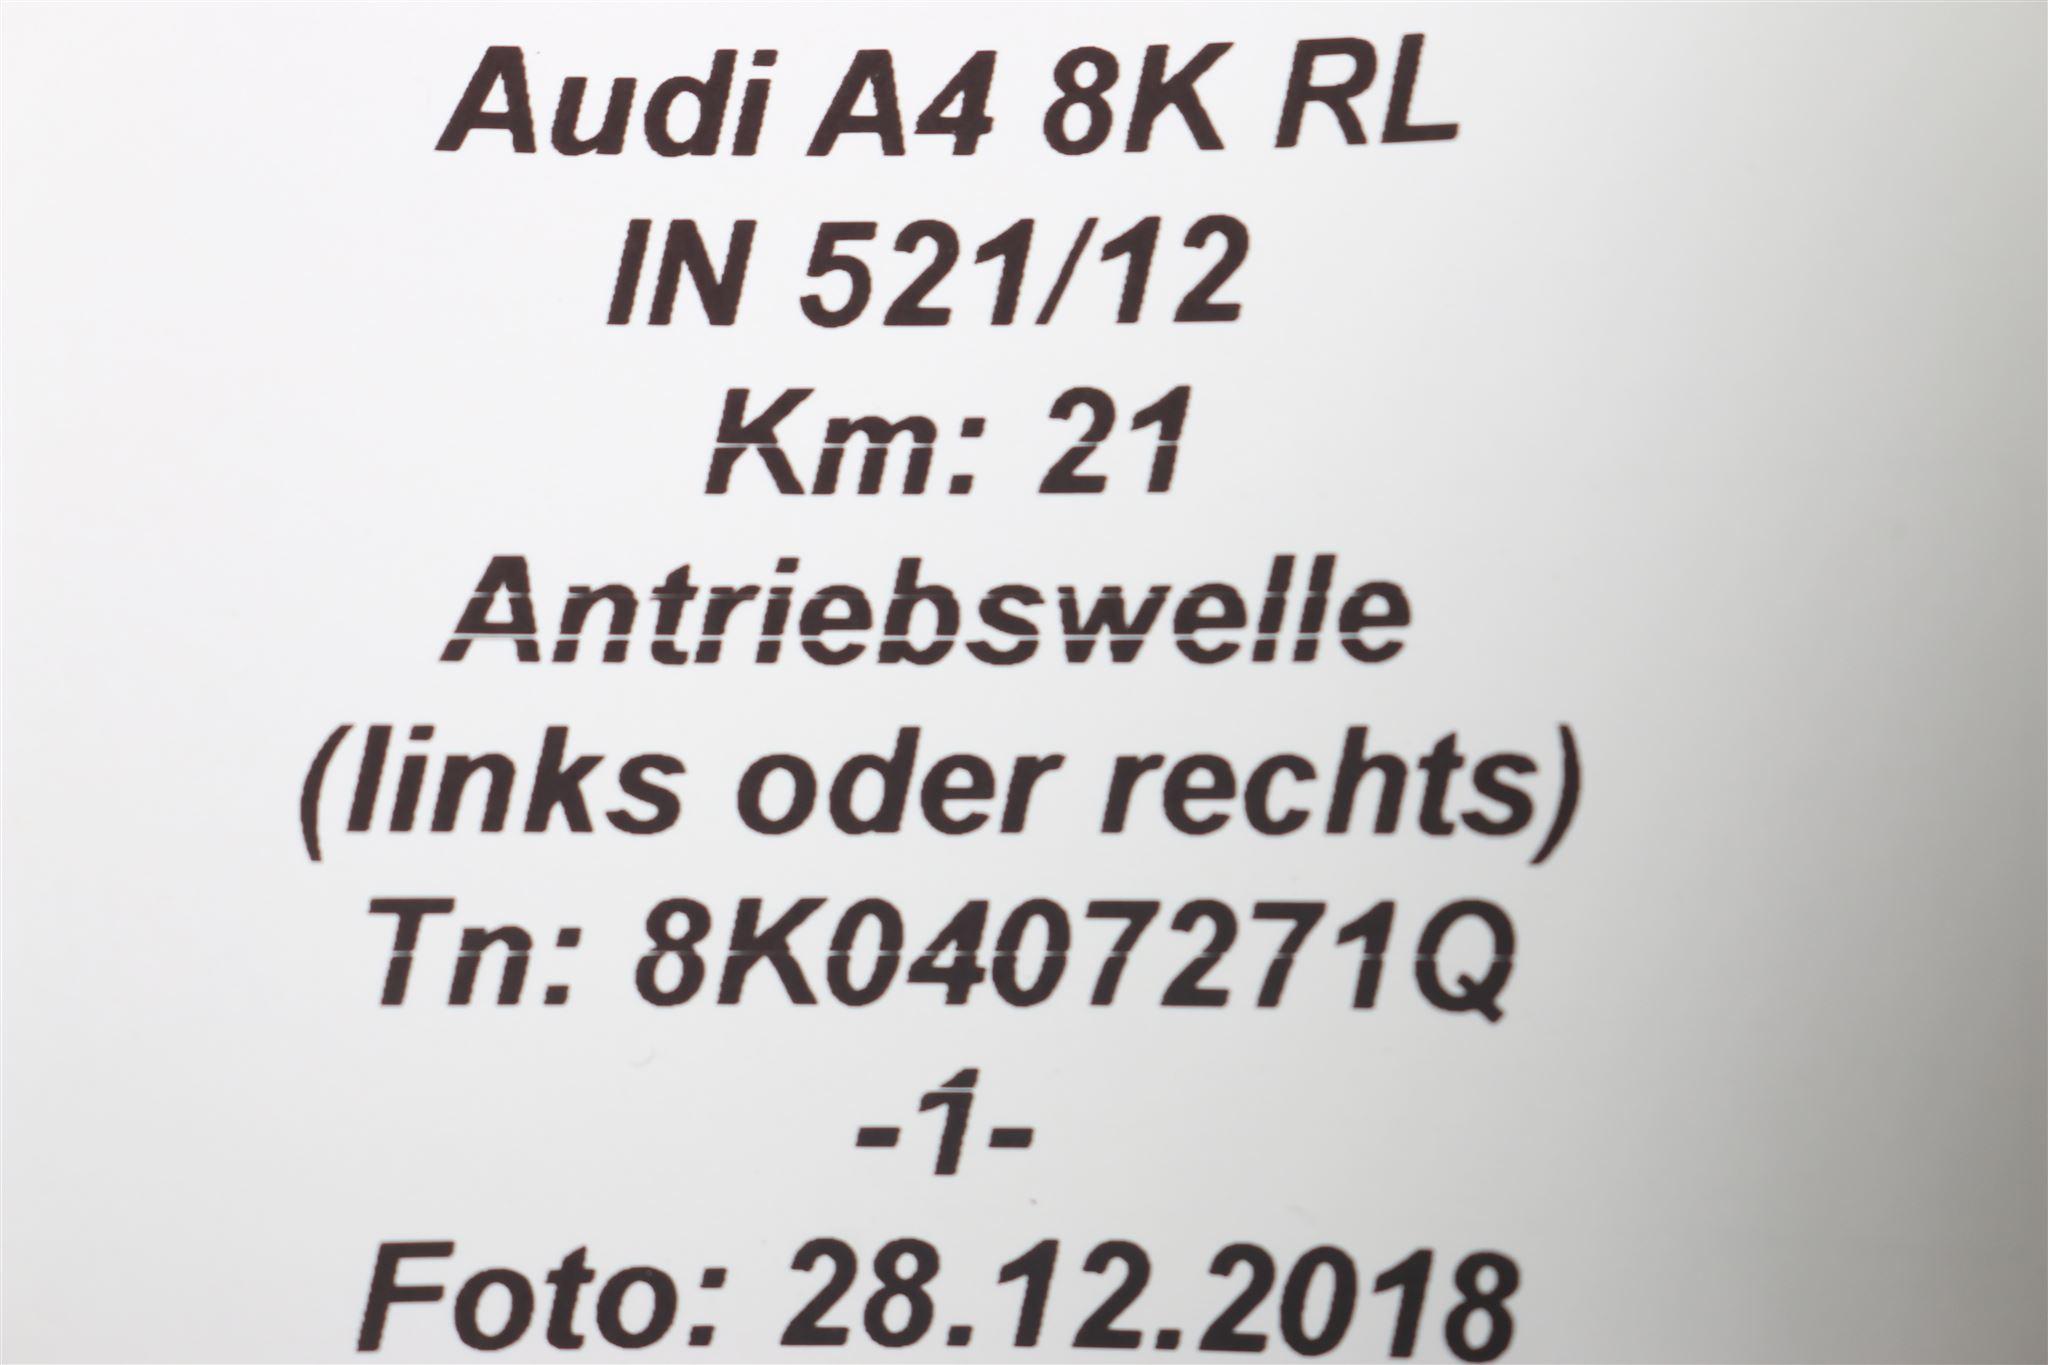 Antriebswelle AUDI A4 8K A5 8T 2.0 TFSI links oder rechts 8K0407271Q Original